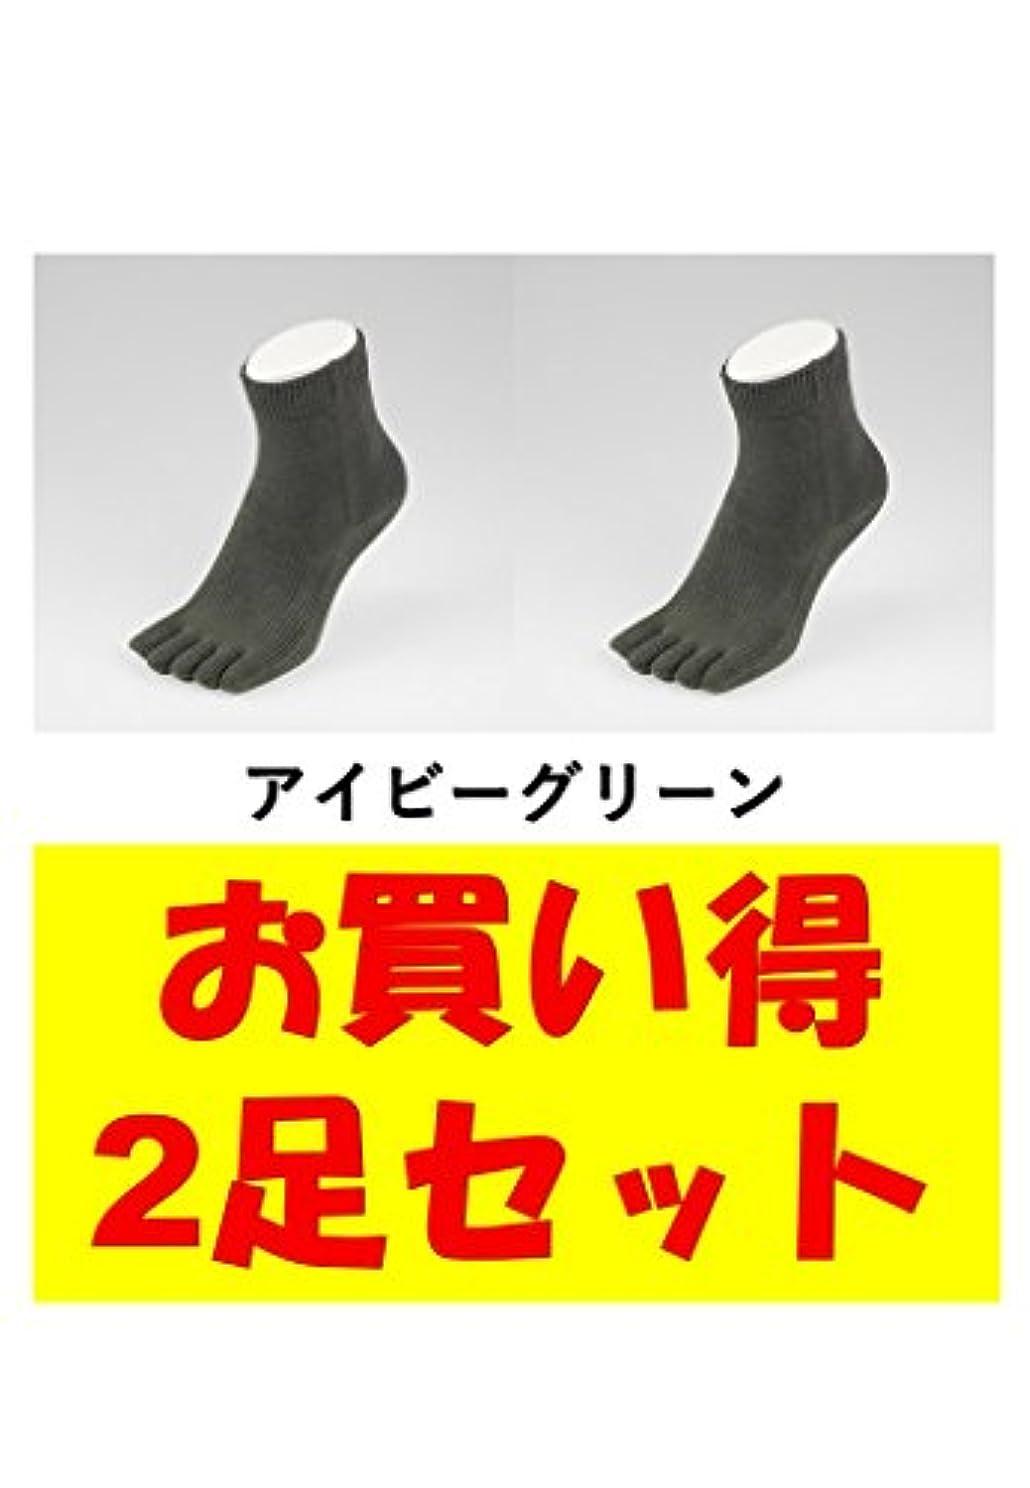 分離科学的証人お買い得2足セット 5本指 ゆびのばソックス Neo EVE(イヴ) アイビーグリーン Sサイズ(21.0cm - 24.0cm) YSNEVE-IGR